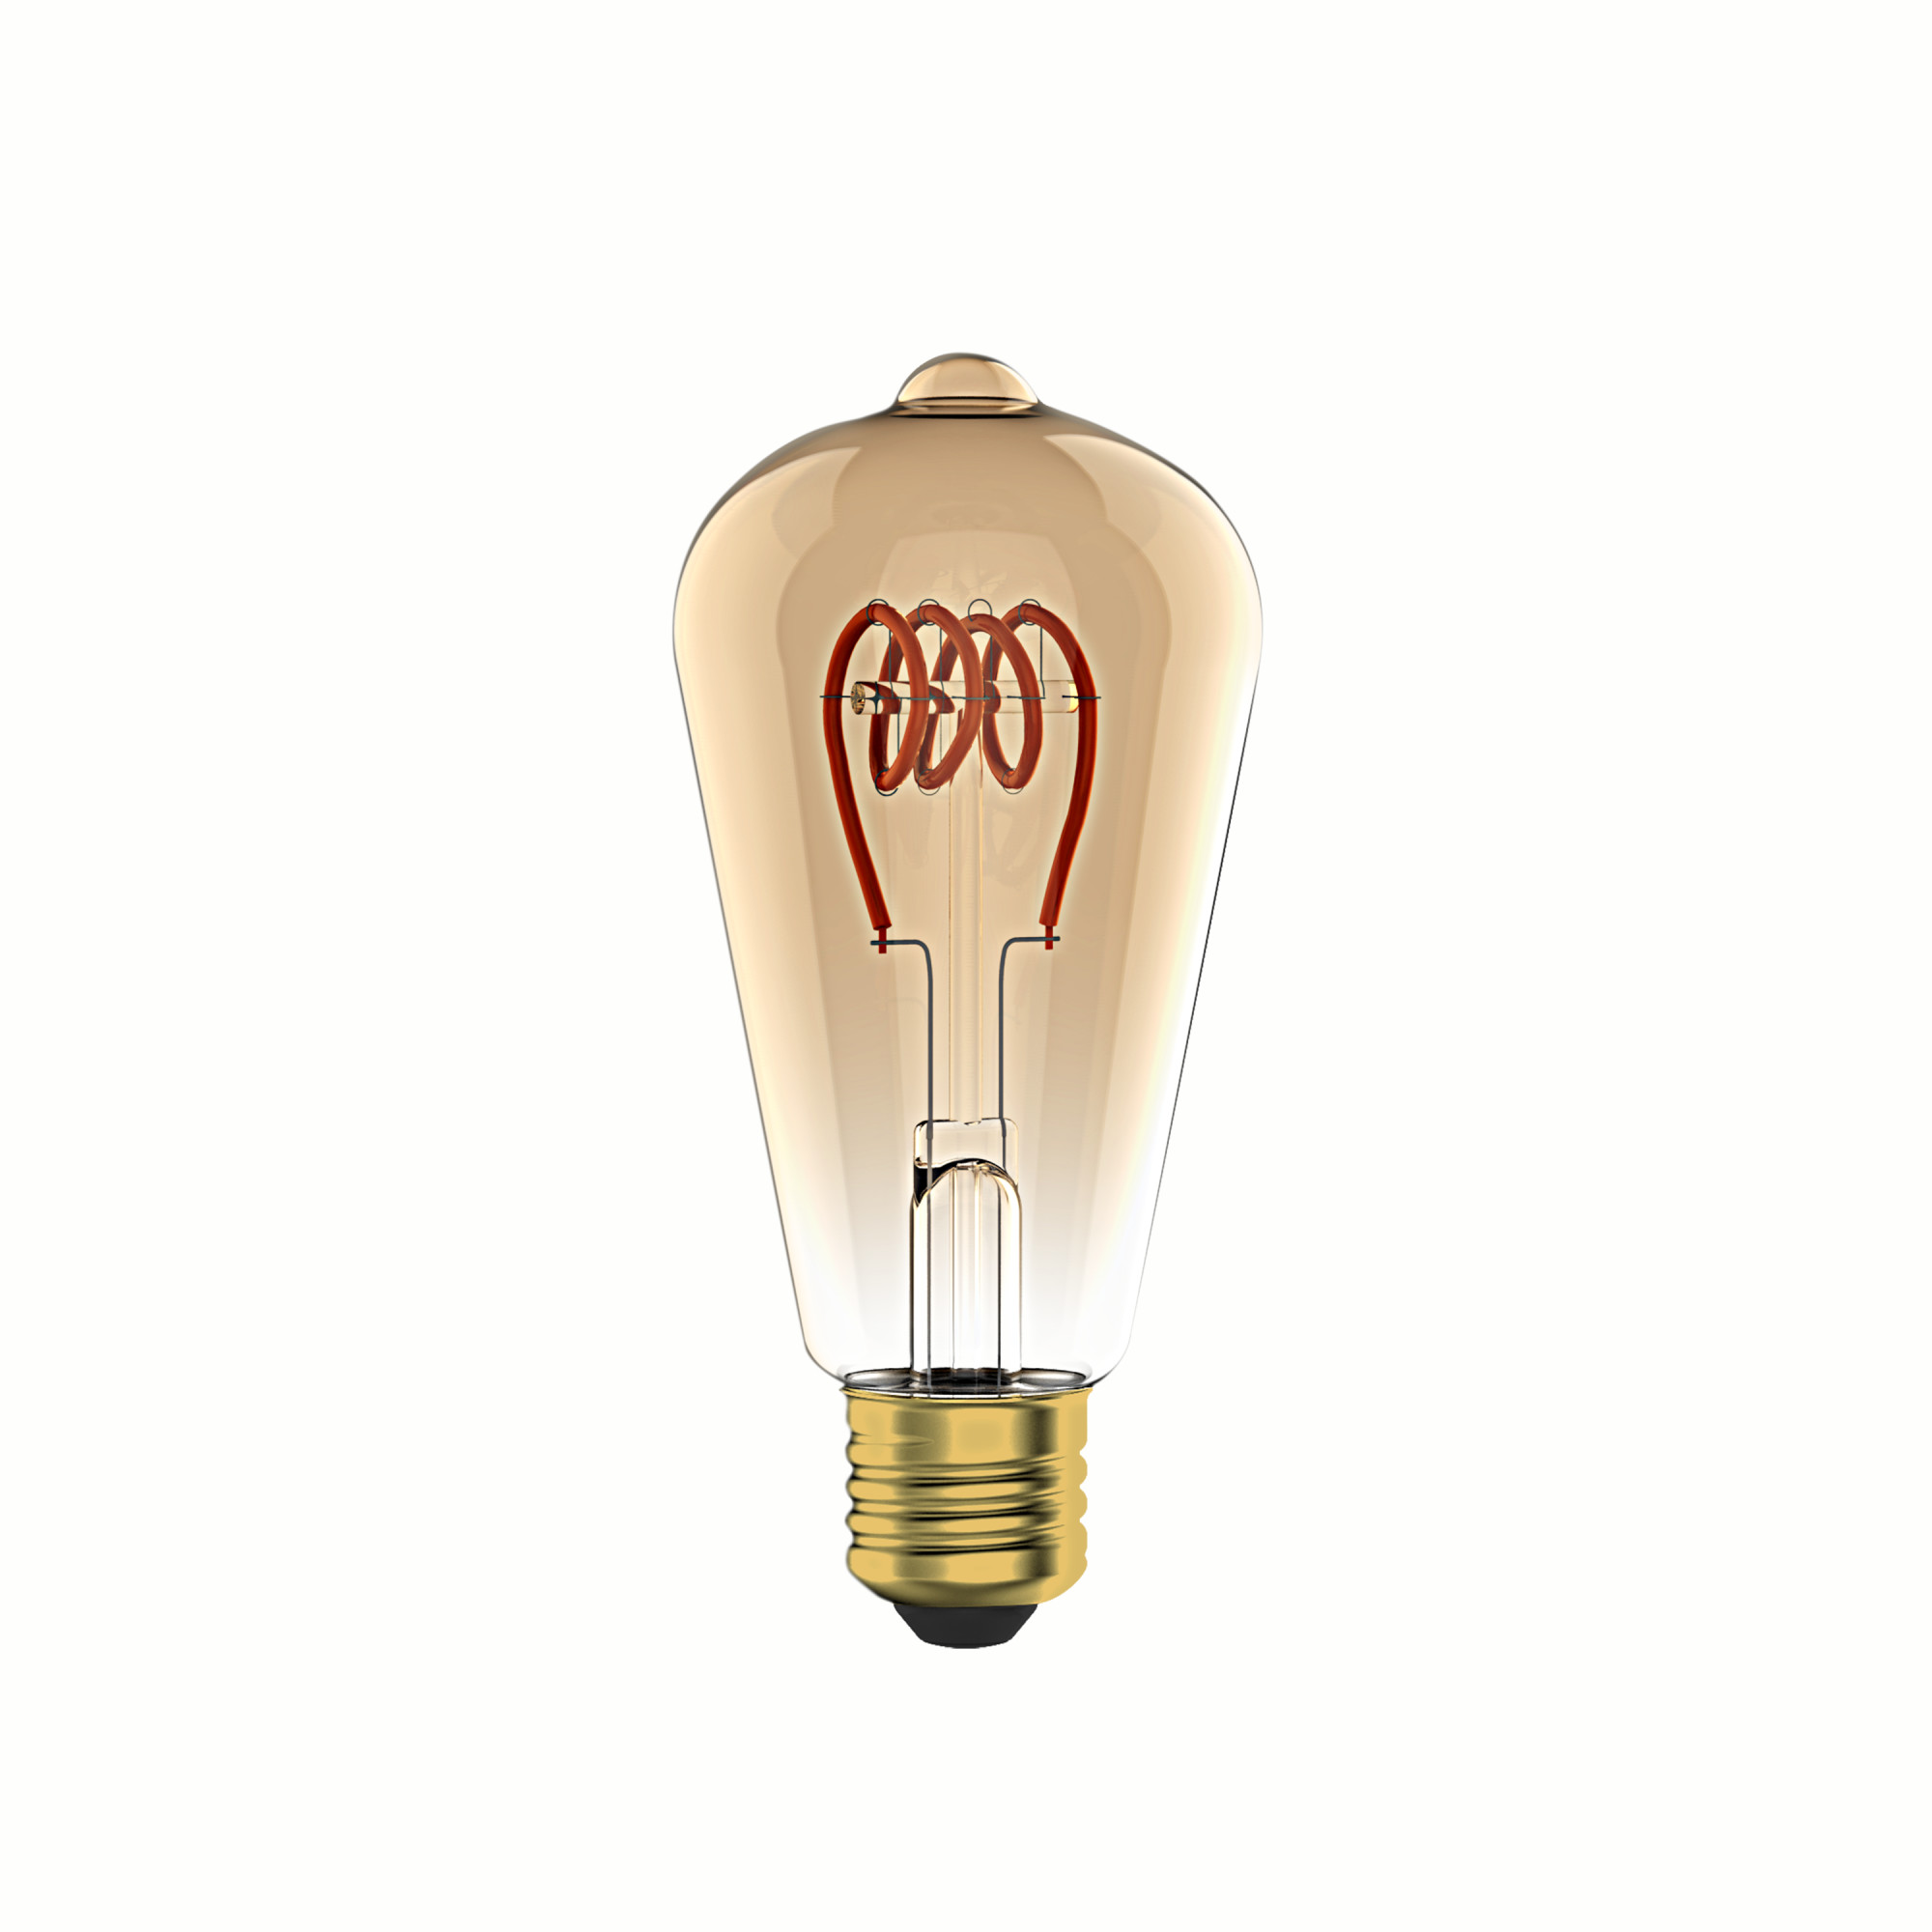 Лампа светодиодная филаментная Lexman E27 220 В 6 Вт груша янтарная 400 лм жёлтый свет